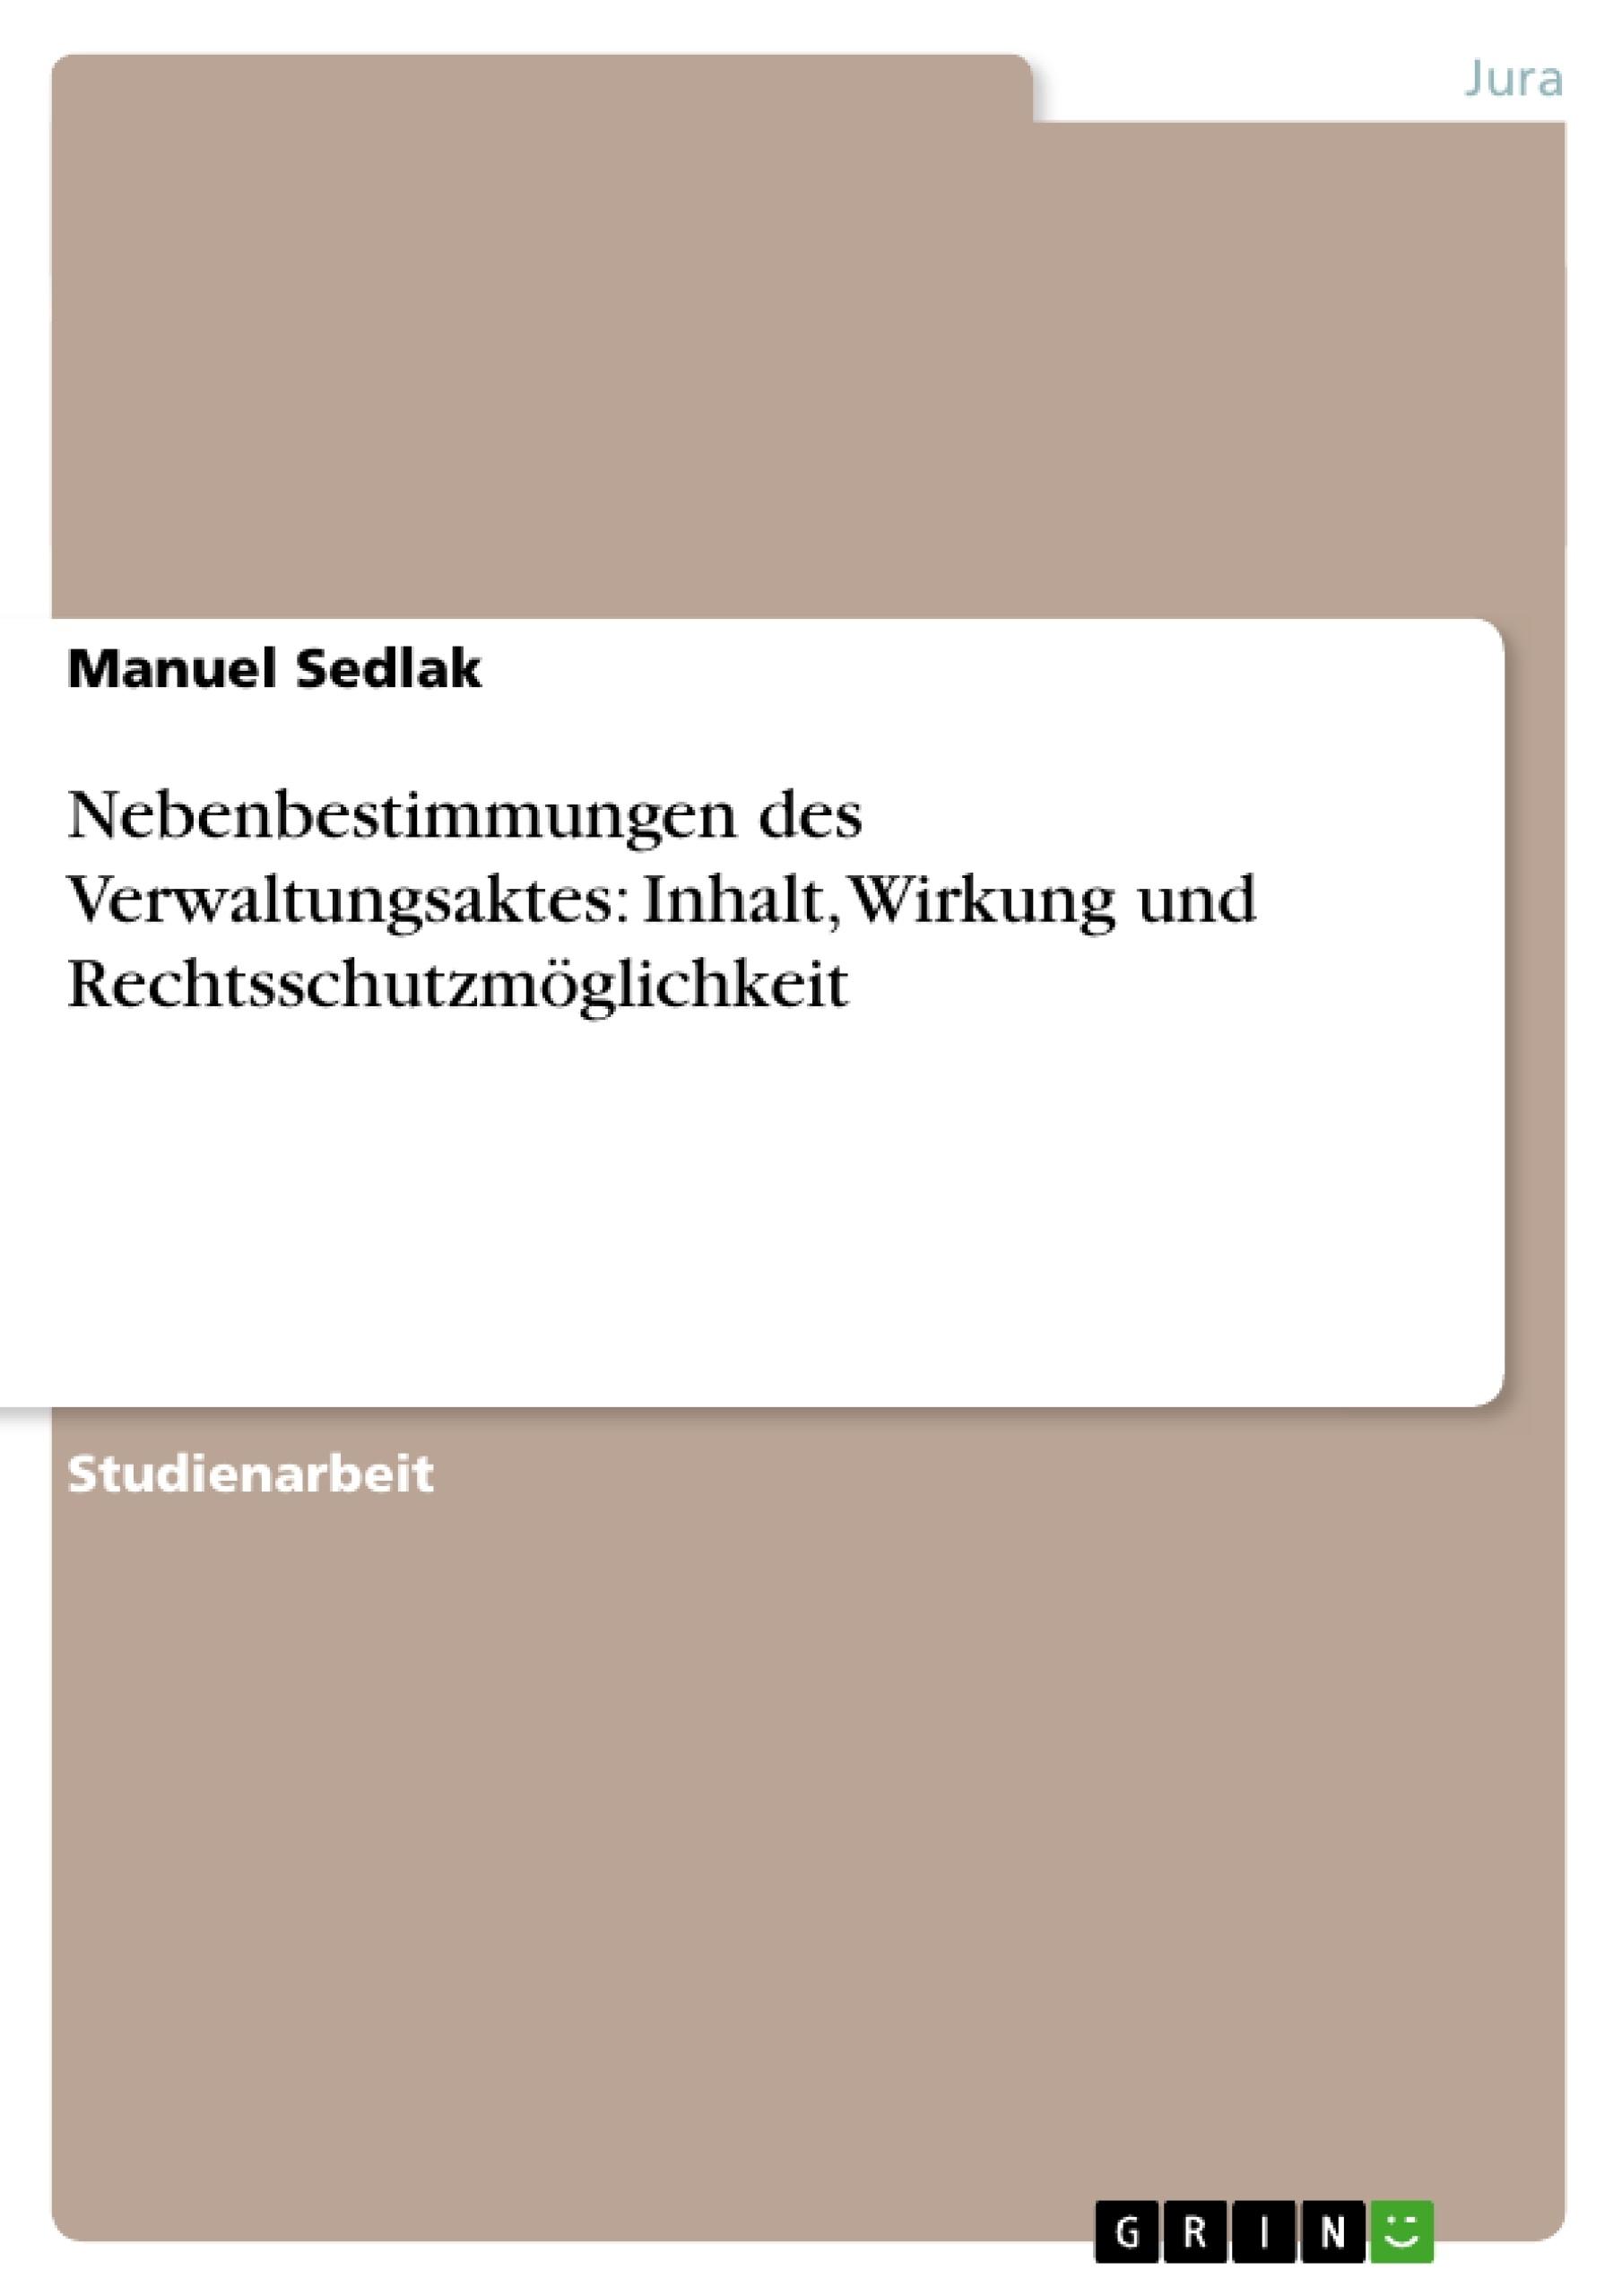 Titel: Nebenbestimmungen des Verwaltungsaktes: Inhalt, Wirkung und Rechtsschutzmöglichkeit